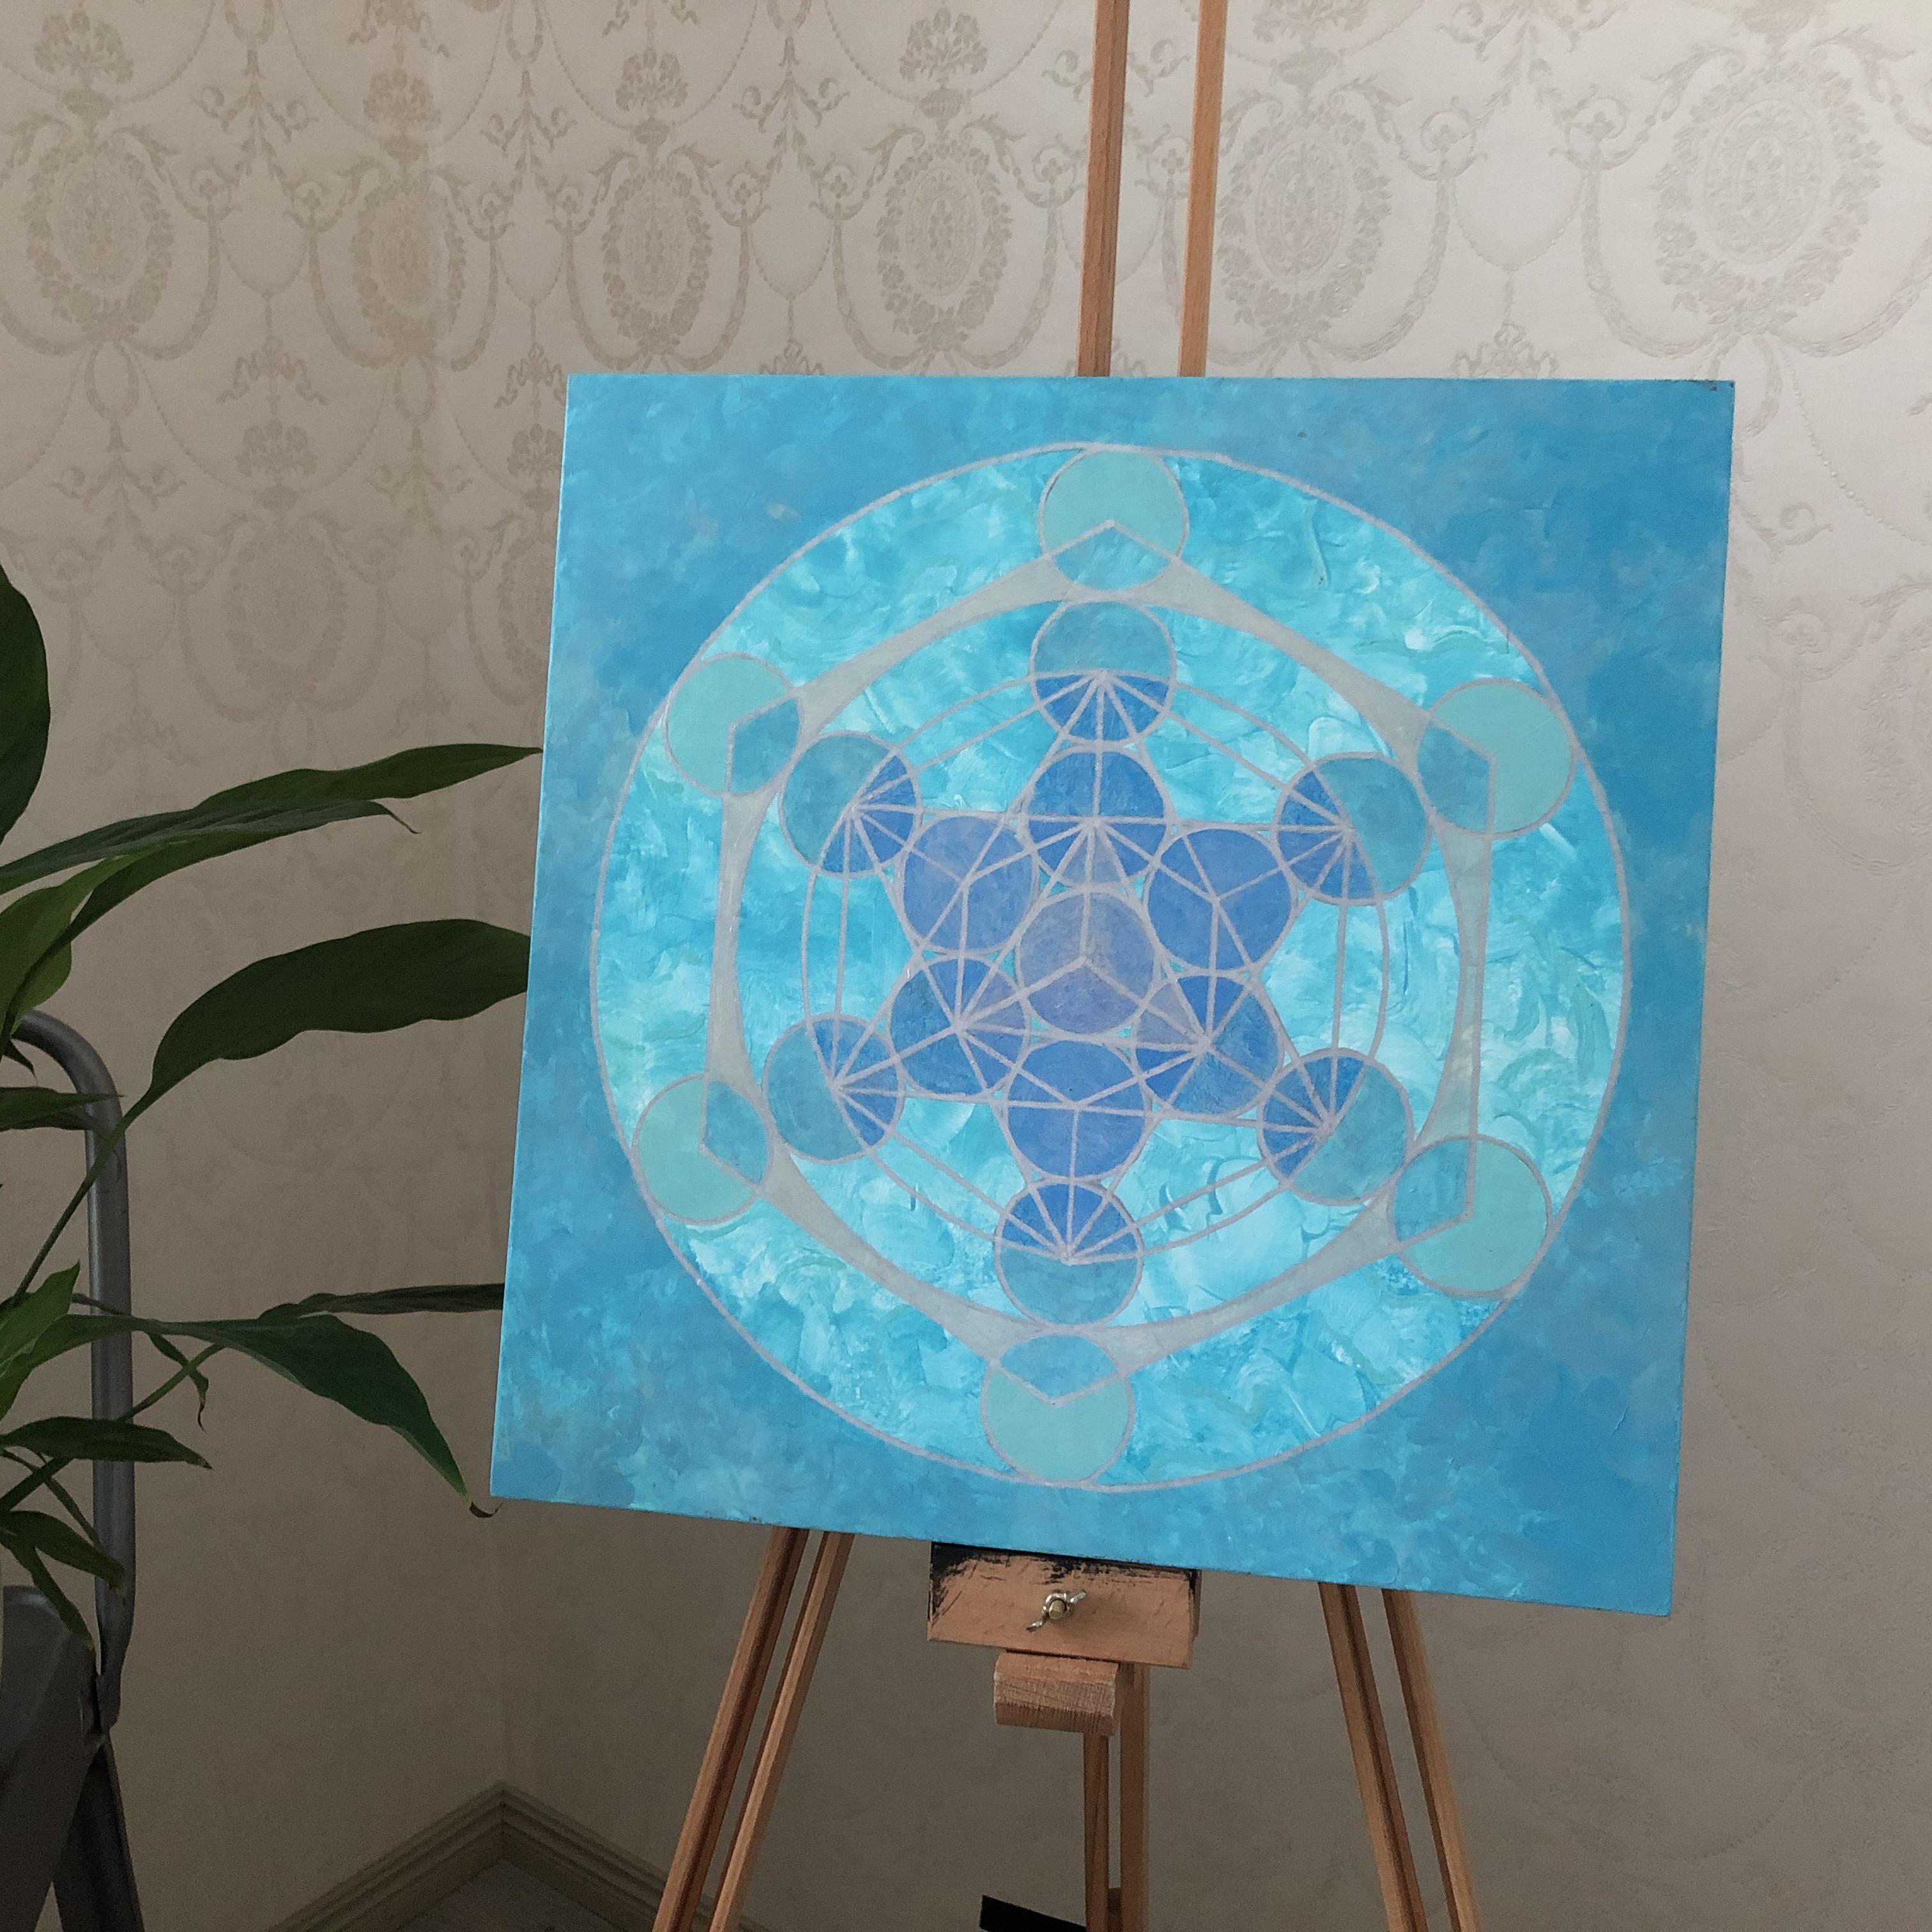 Pyhät geometriset taulut: Vesi